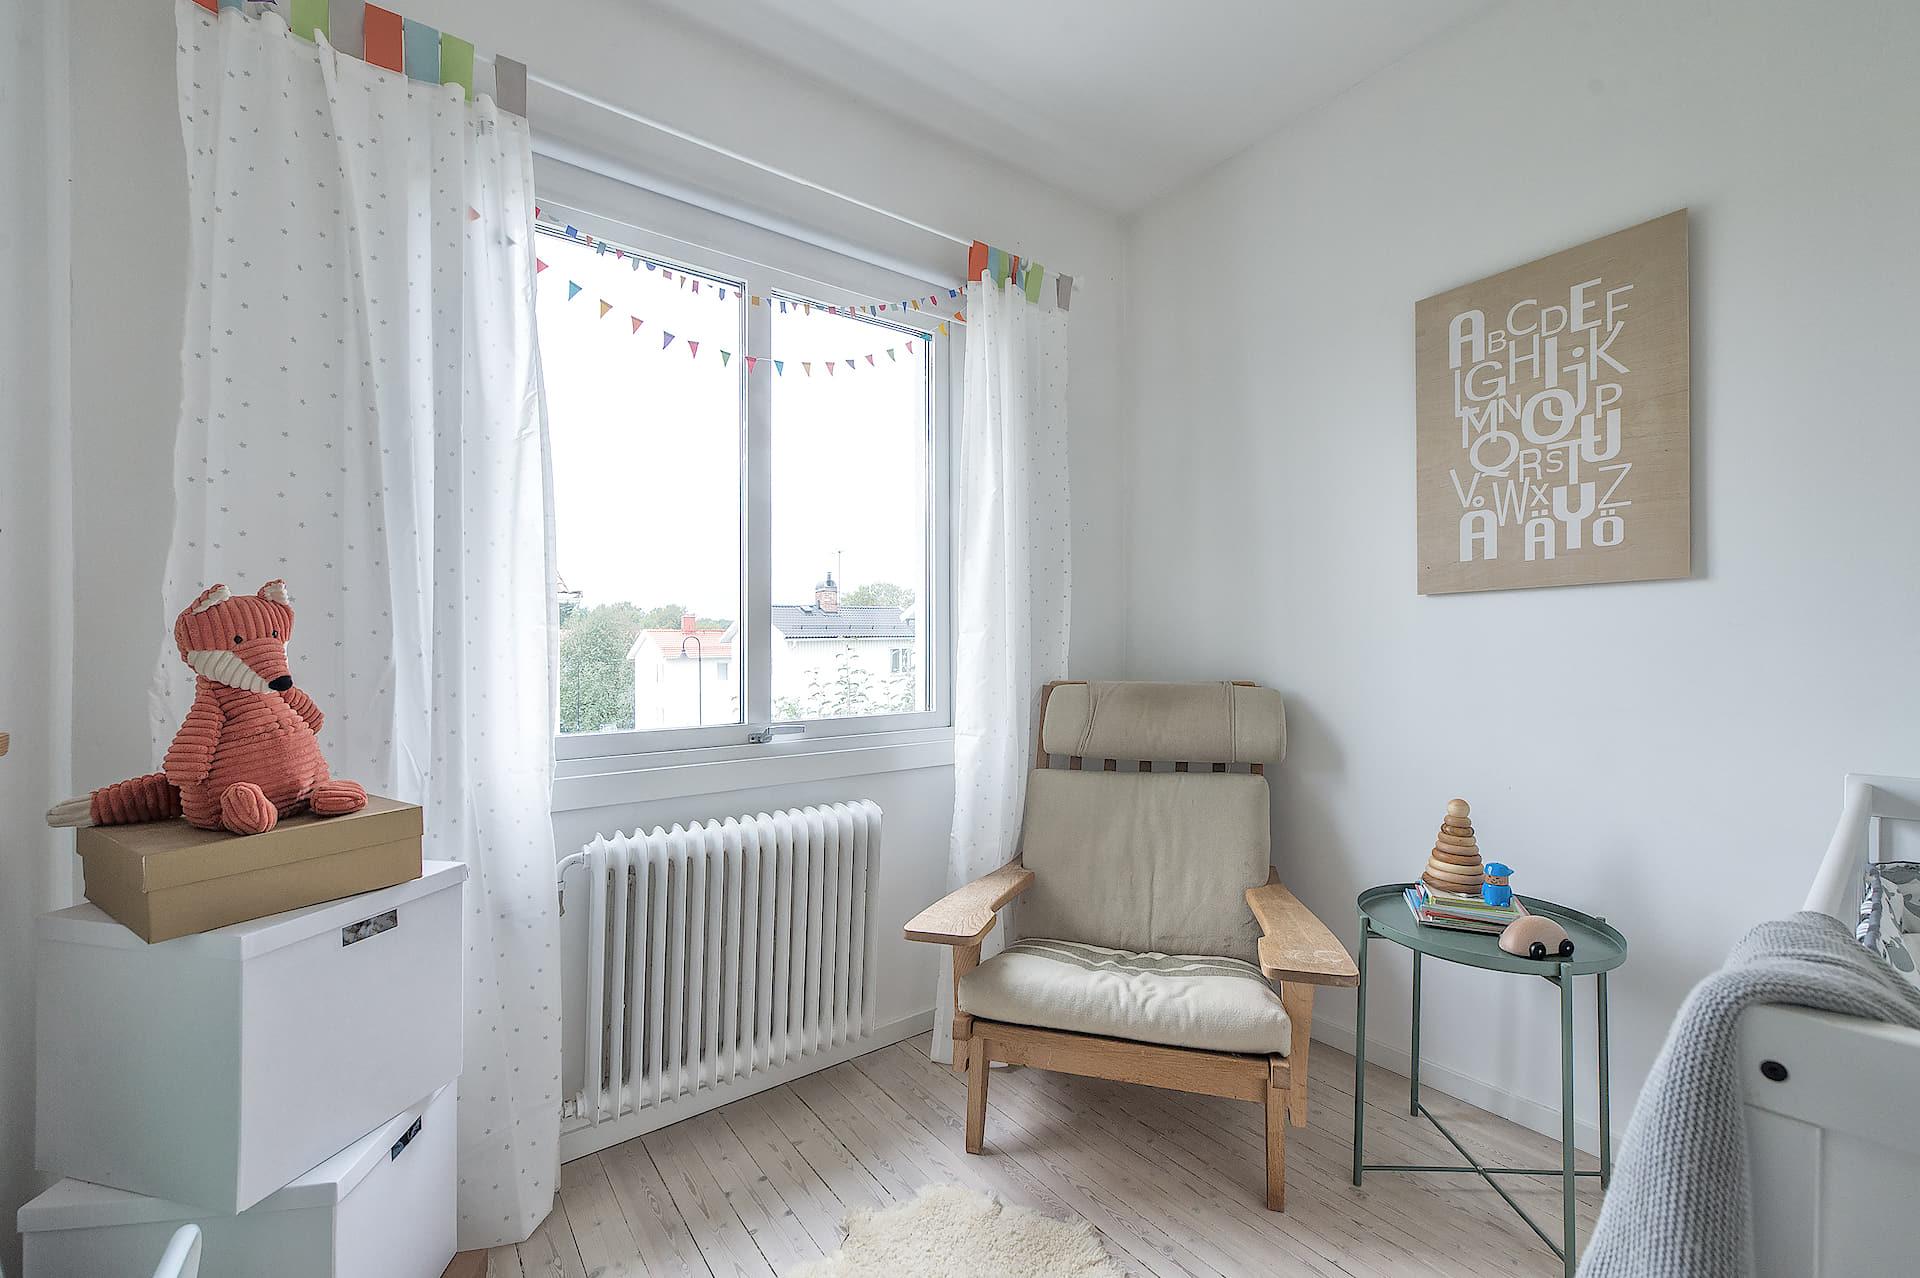 детская комната кровать кресло столик